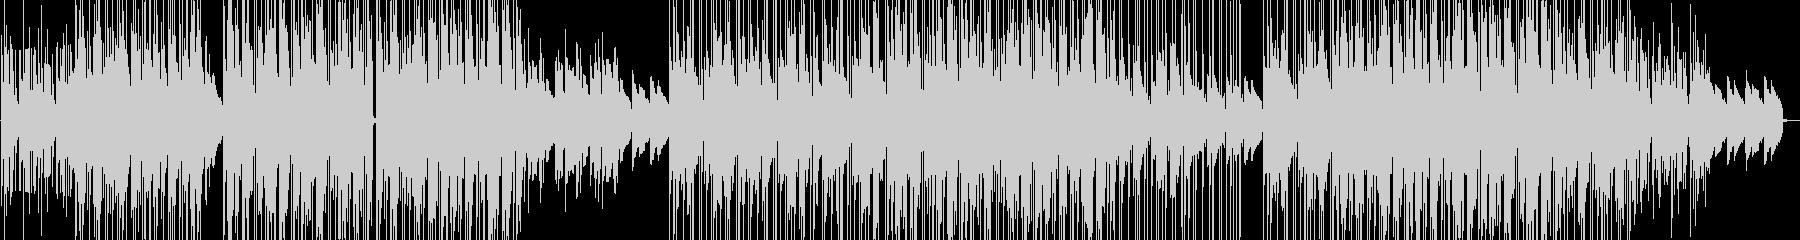 ジャズ風味のあるローファイヒップホップの未再生の波形